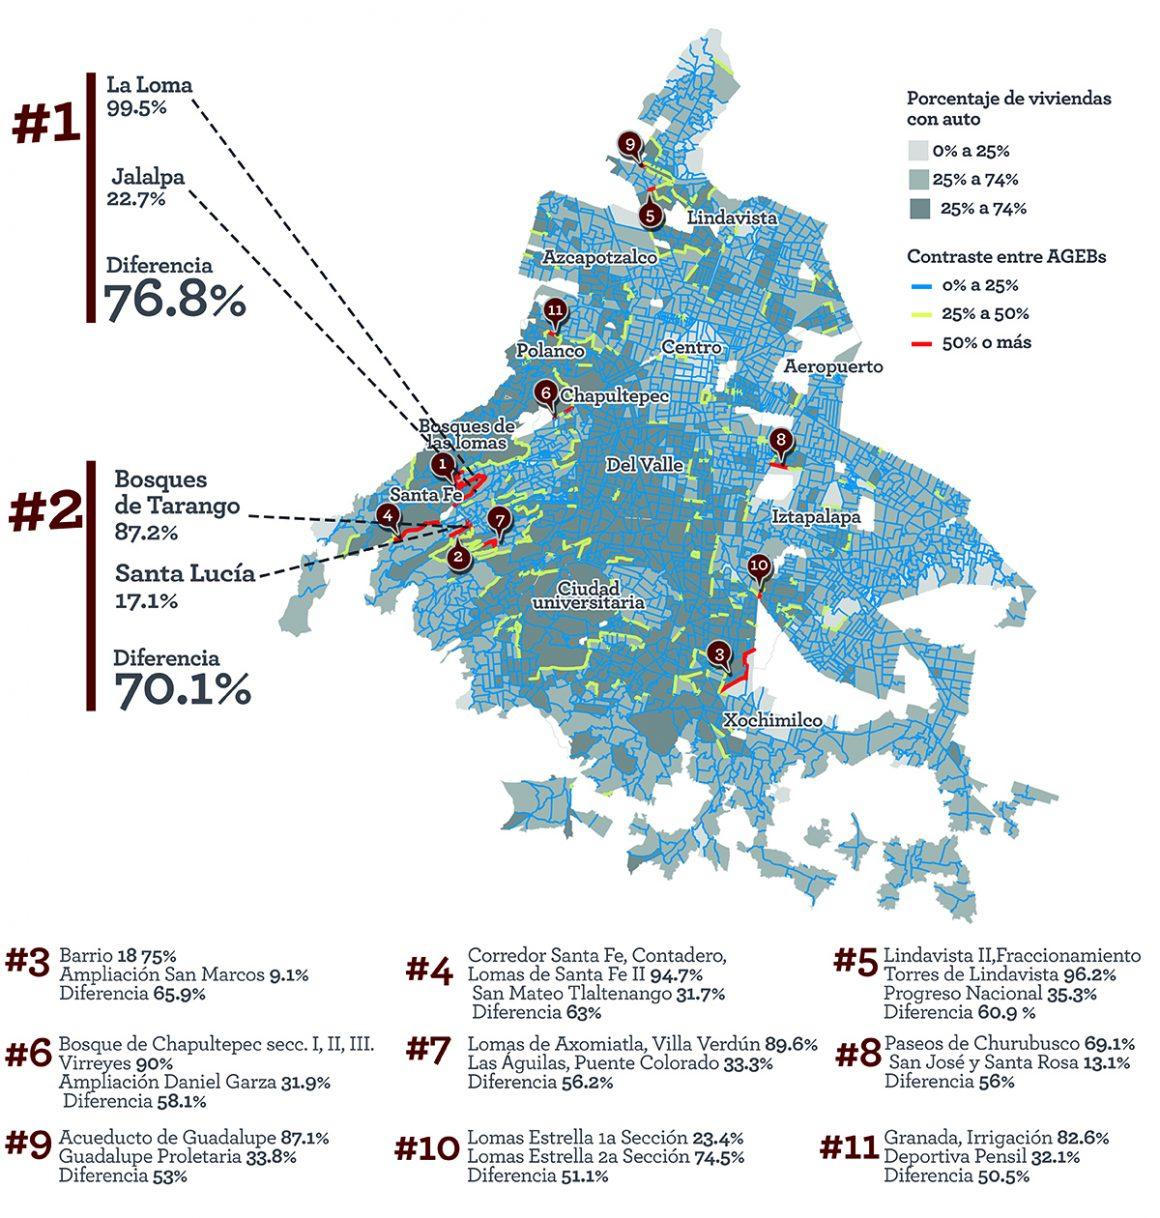 Mapa de colindancias entre zonas que tienen auto y zonas que no. Desigualdad